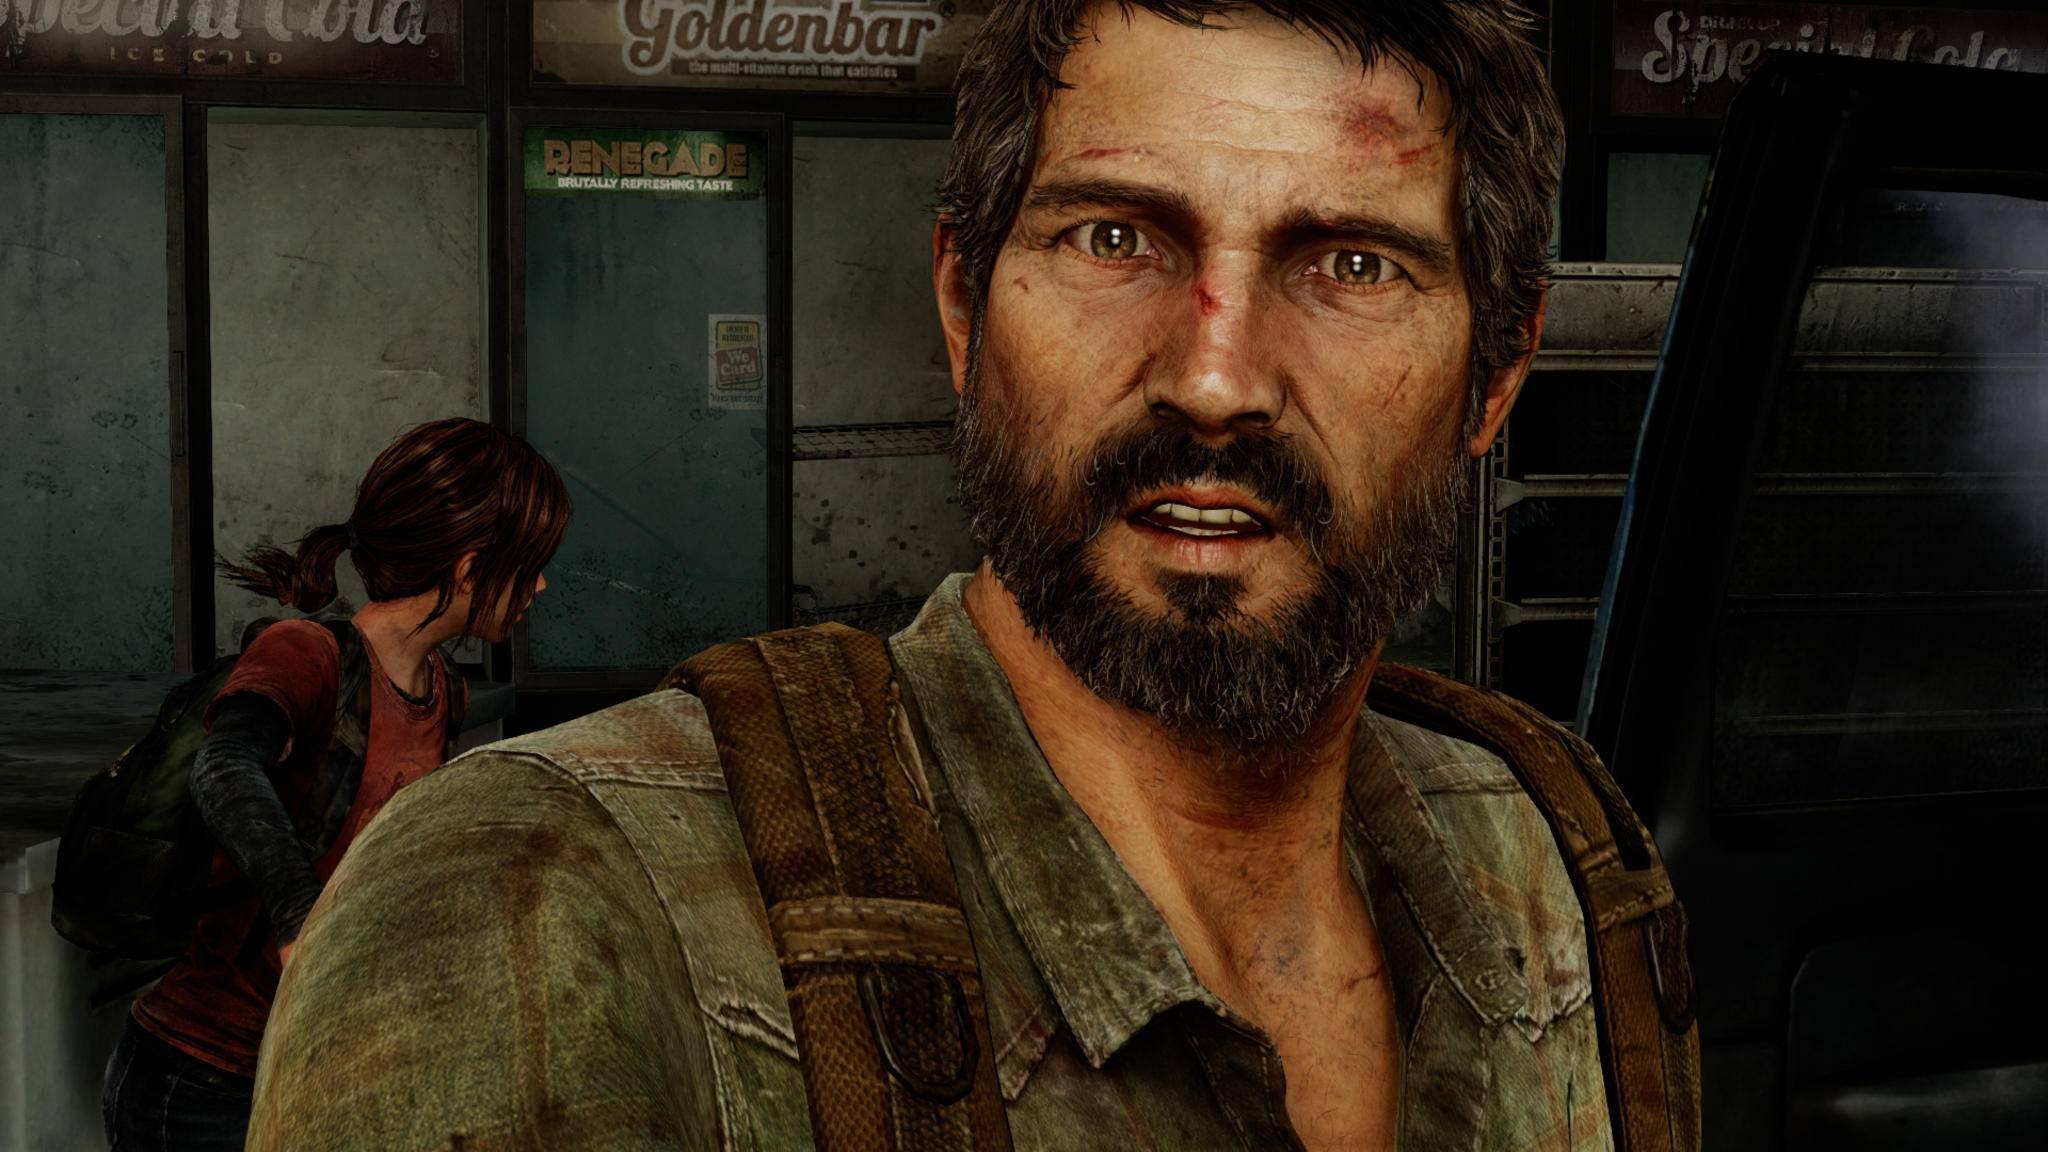 """Joel aus """"The Last of Us"""" hat eine finstere Seite."""